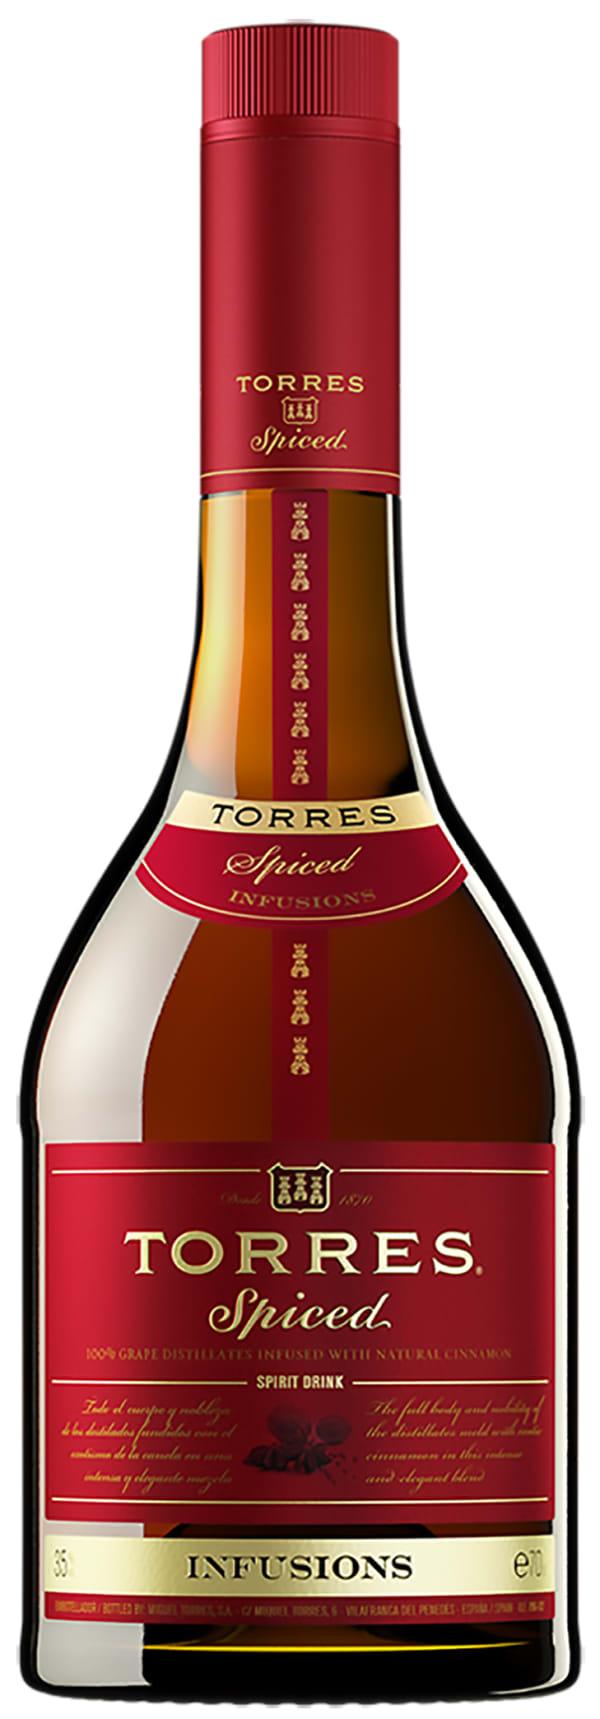 Torres Spiced